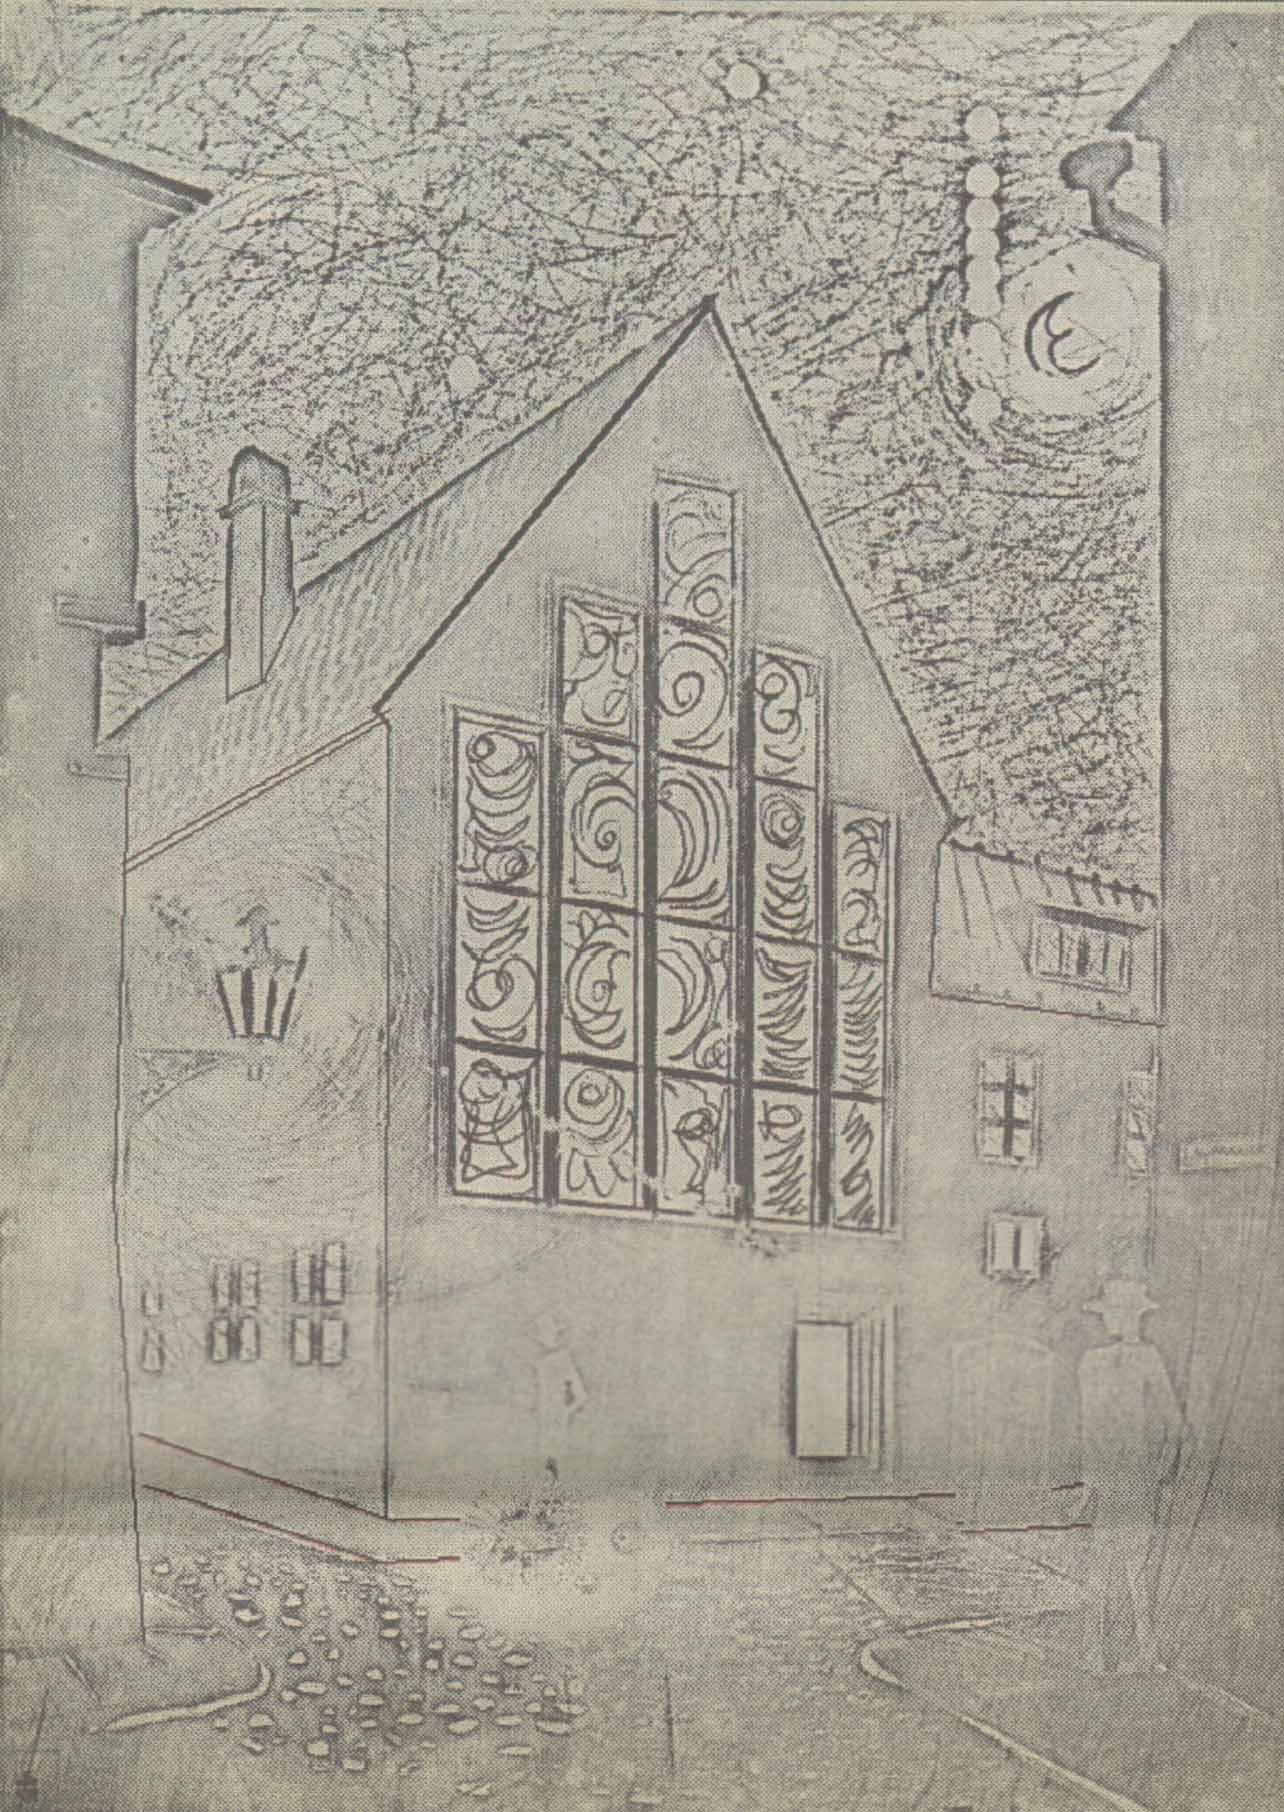 Дом на углу улиц Ратаскаеву и Люхике-Ялг должен бы обзавестись гигантским витражным окном и стать художественным кафе «Зиттов». Проект 1968 года.